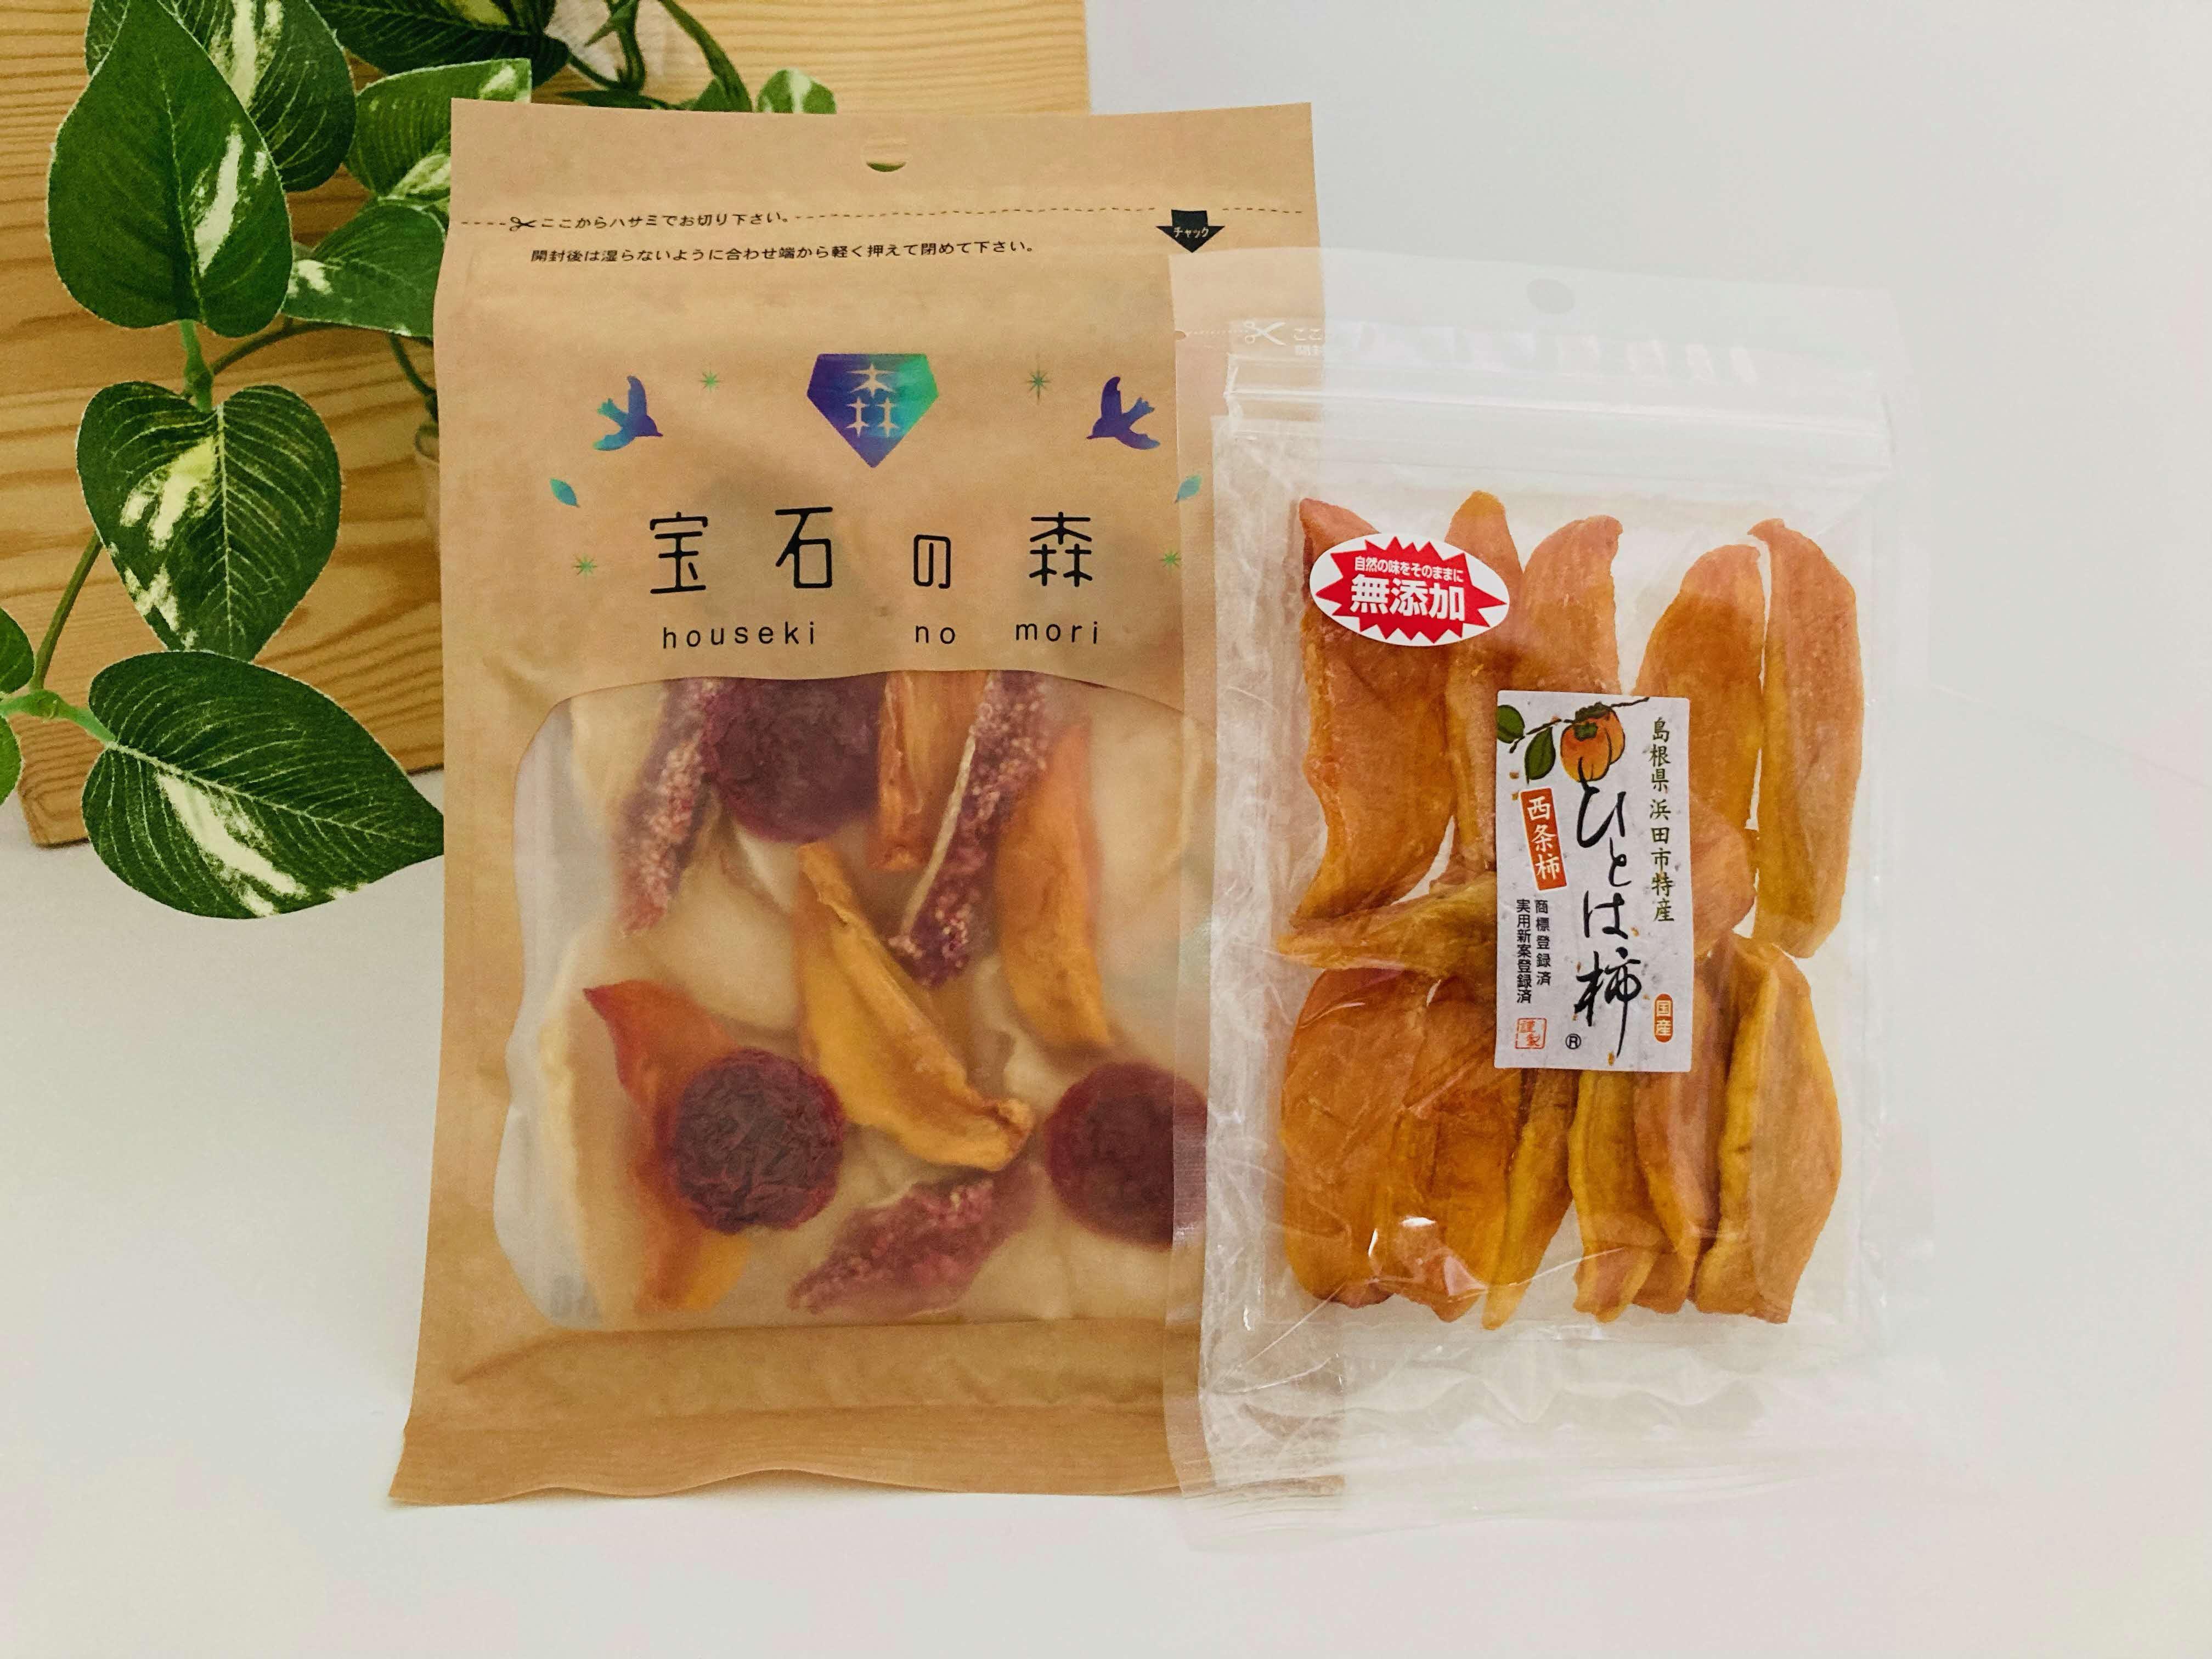 浜田市特産の西条柿・梨・いちじくを使ったドライミックスとカット干し柿